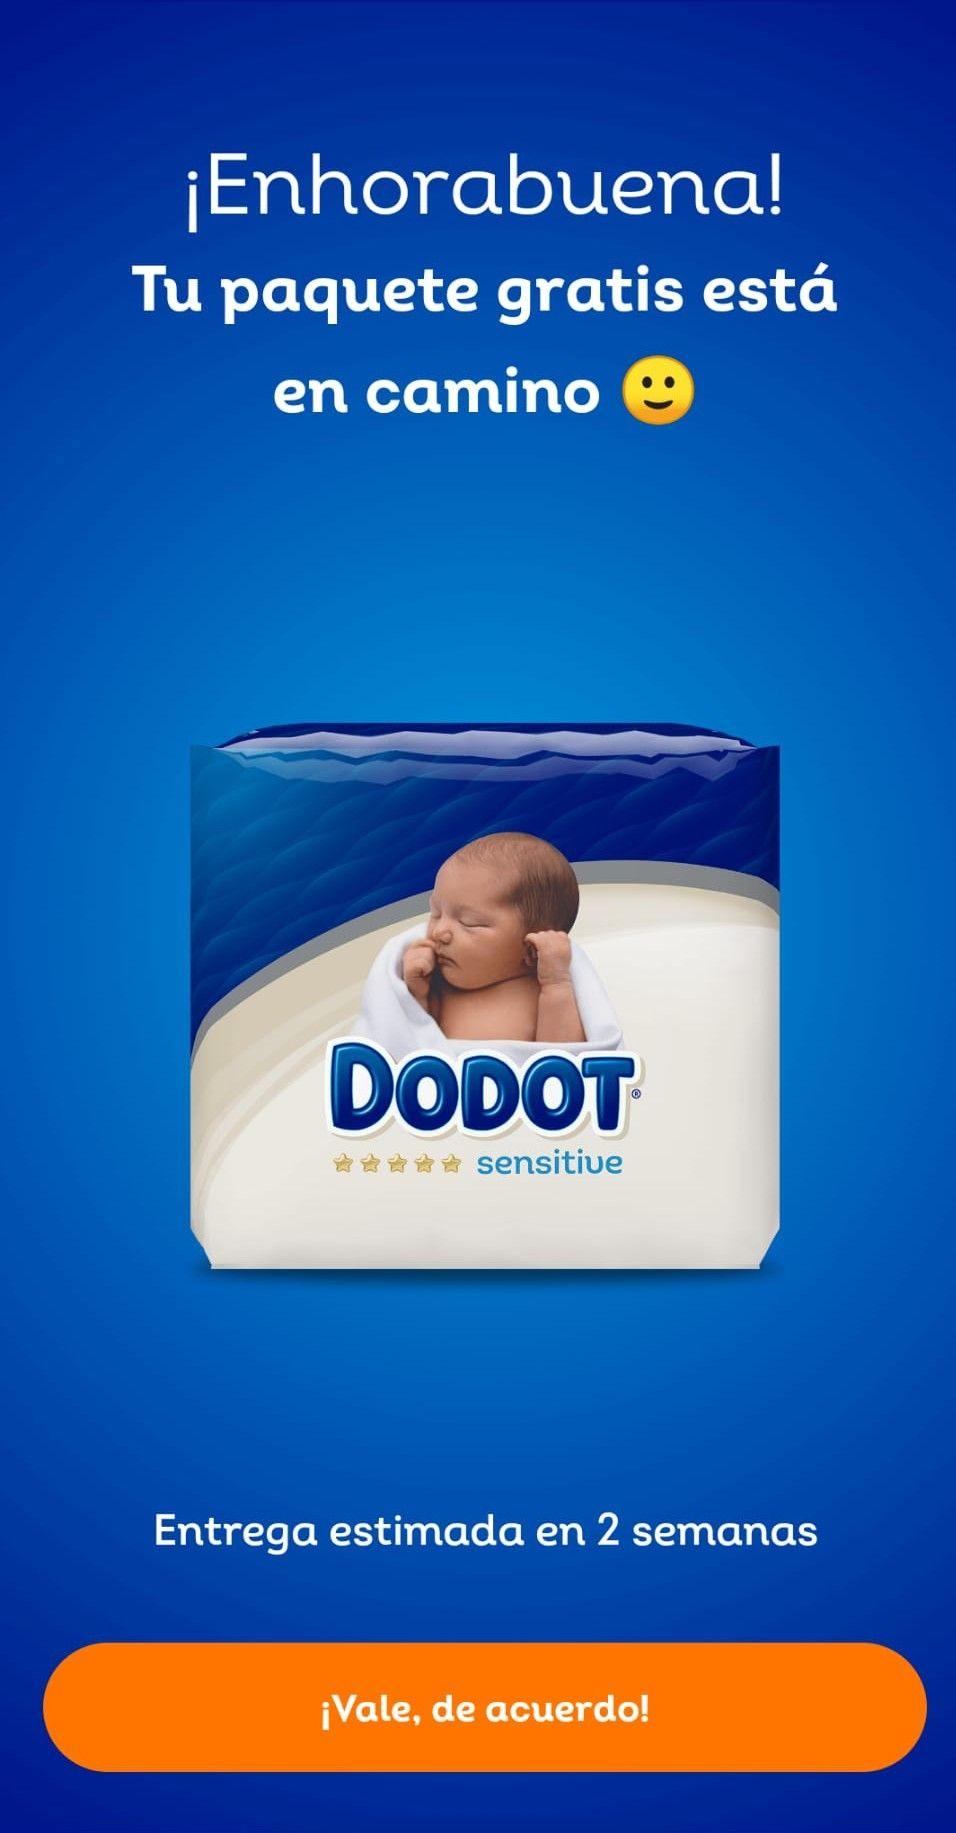 Paquete pañales Dodot gratis con 1 pincode